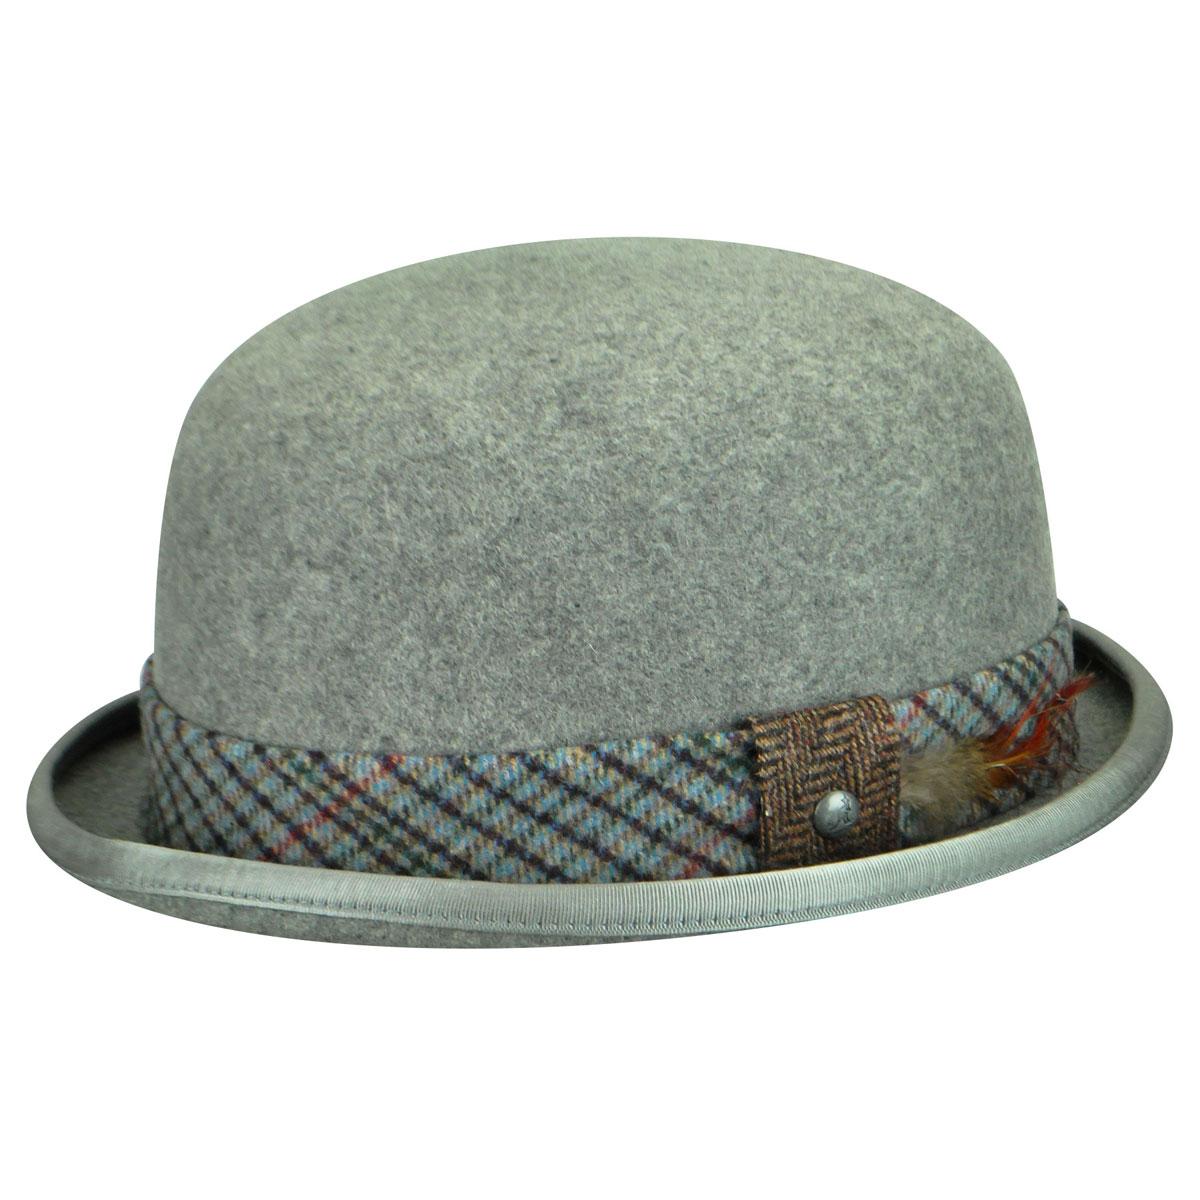 Men's Vintage Style Hats, Retro Hats Estate Bowler $36.00 AT vintagedancer.com